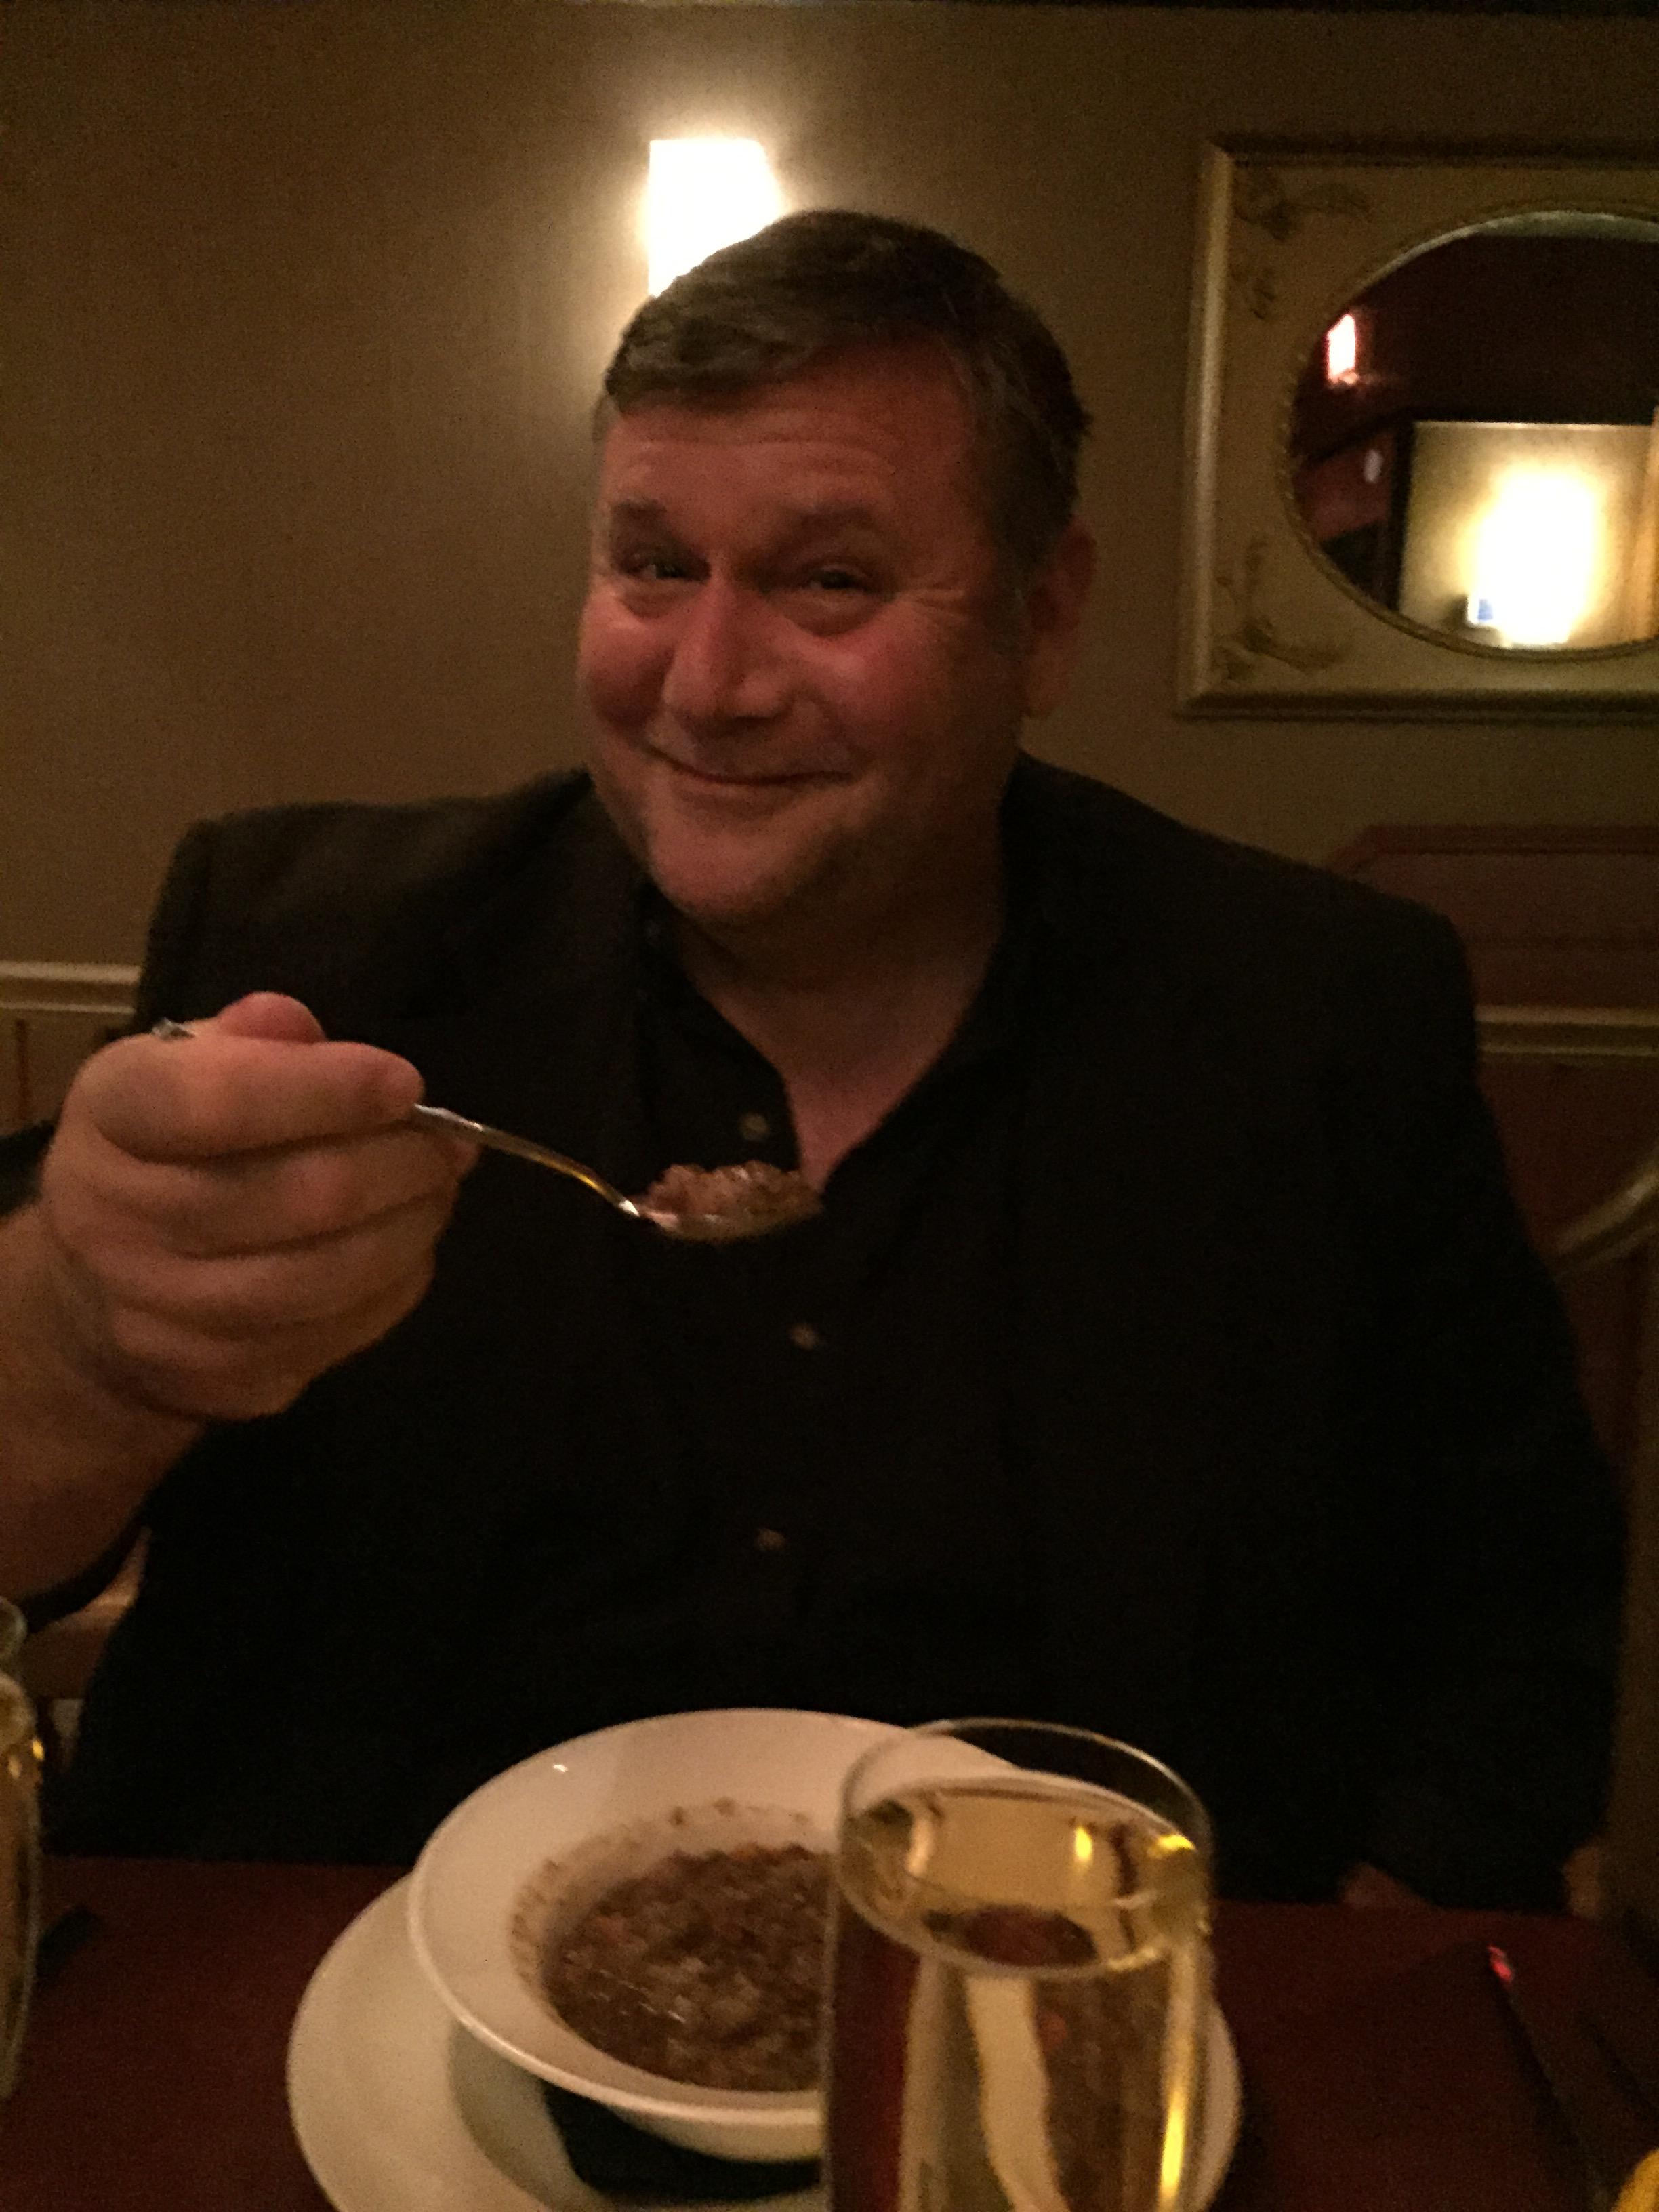 spaghetti and wheatballs at Candle 79